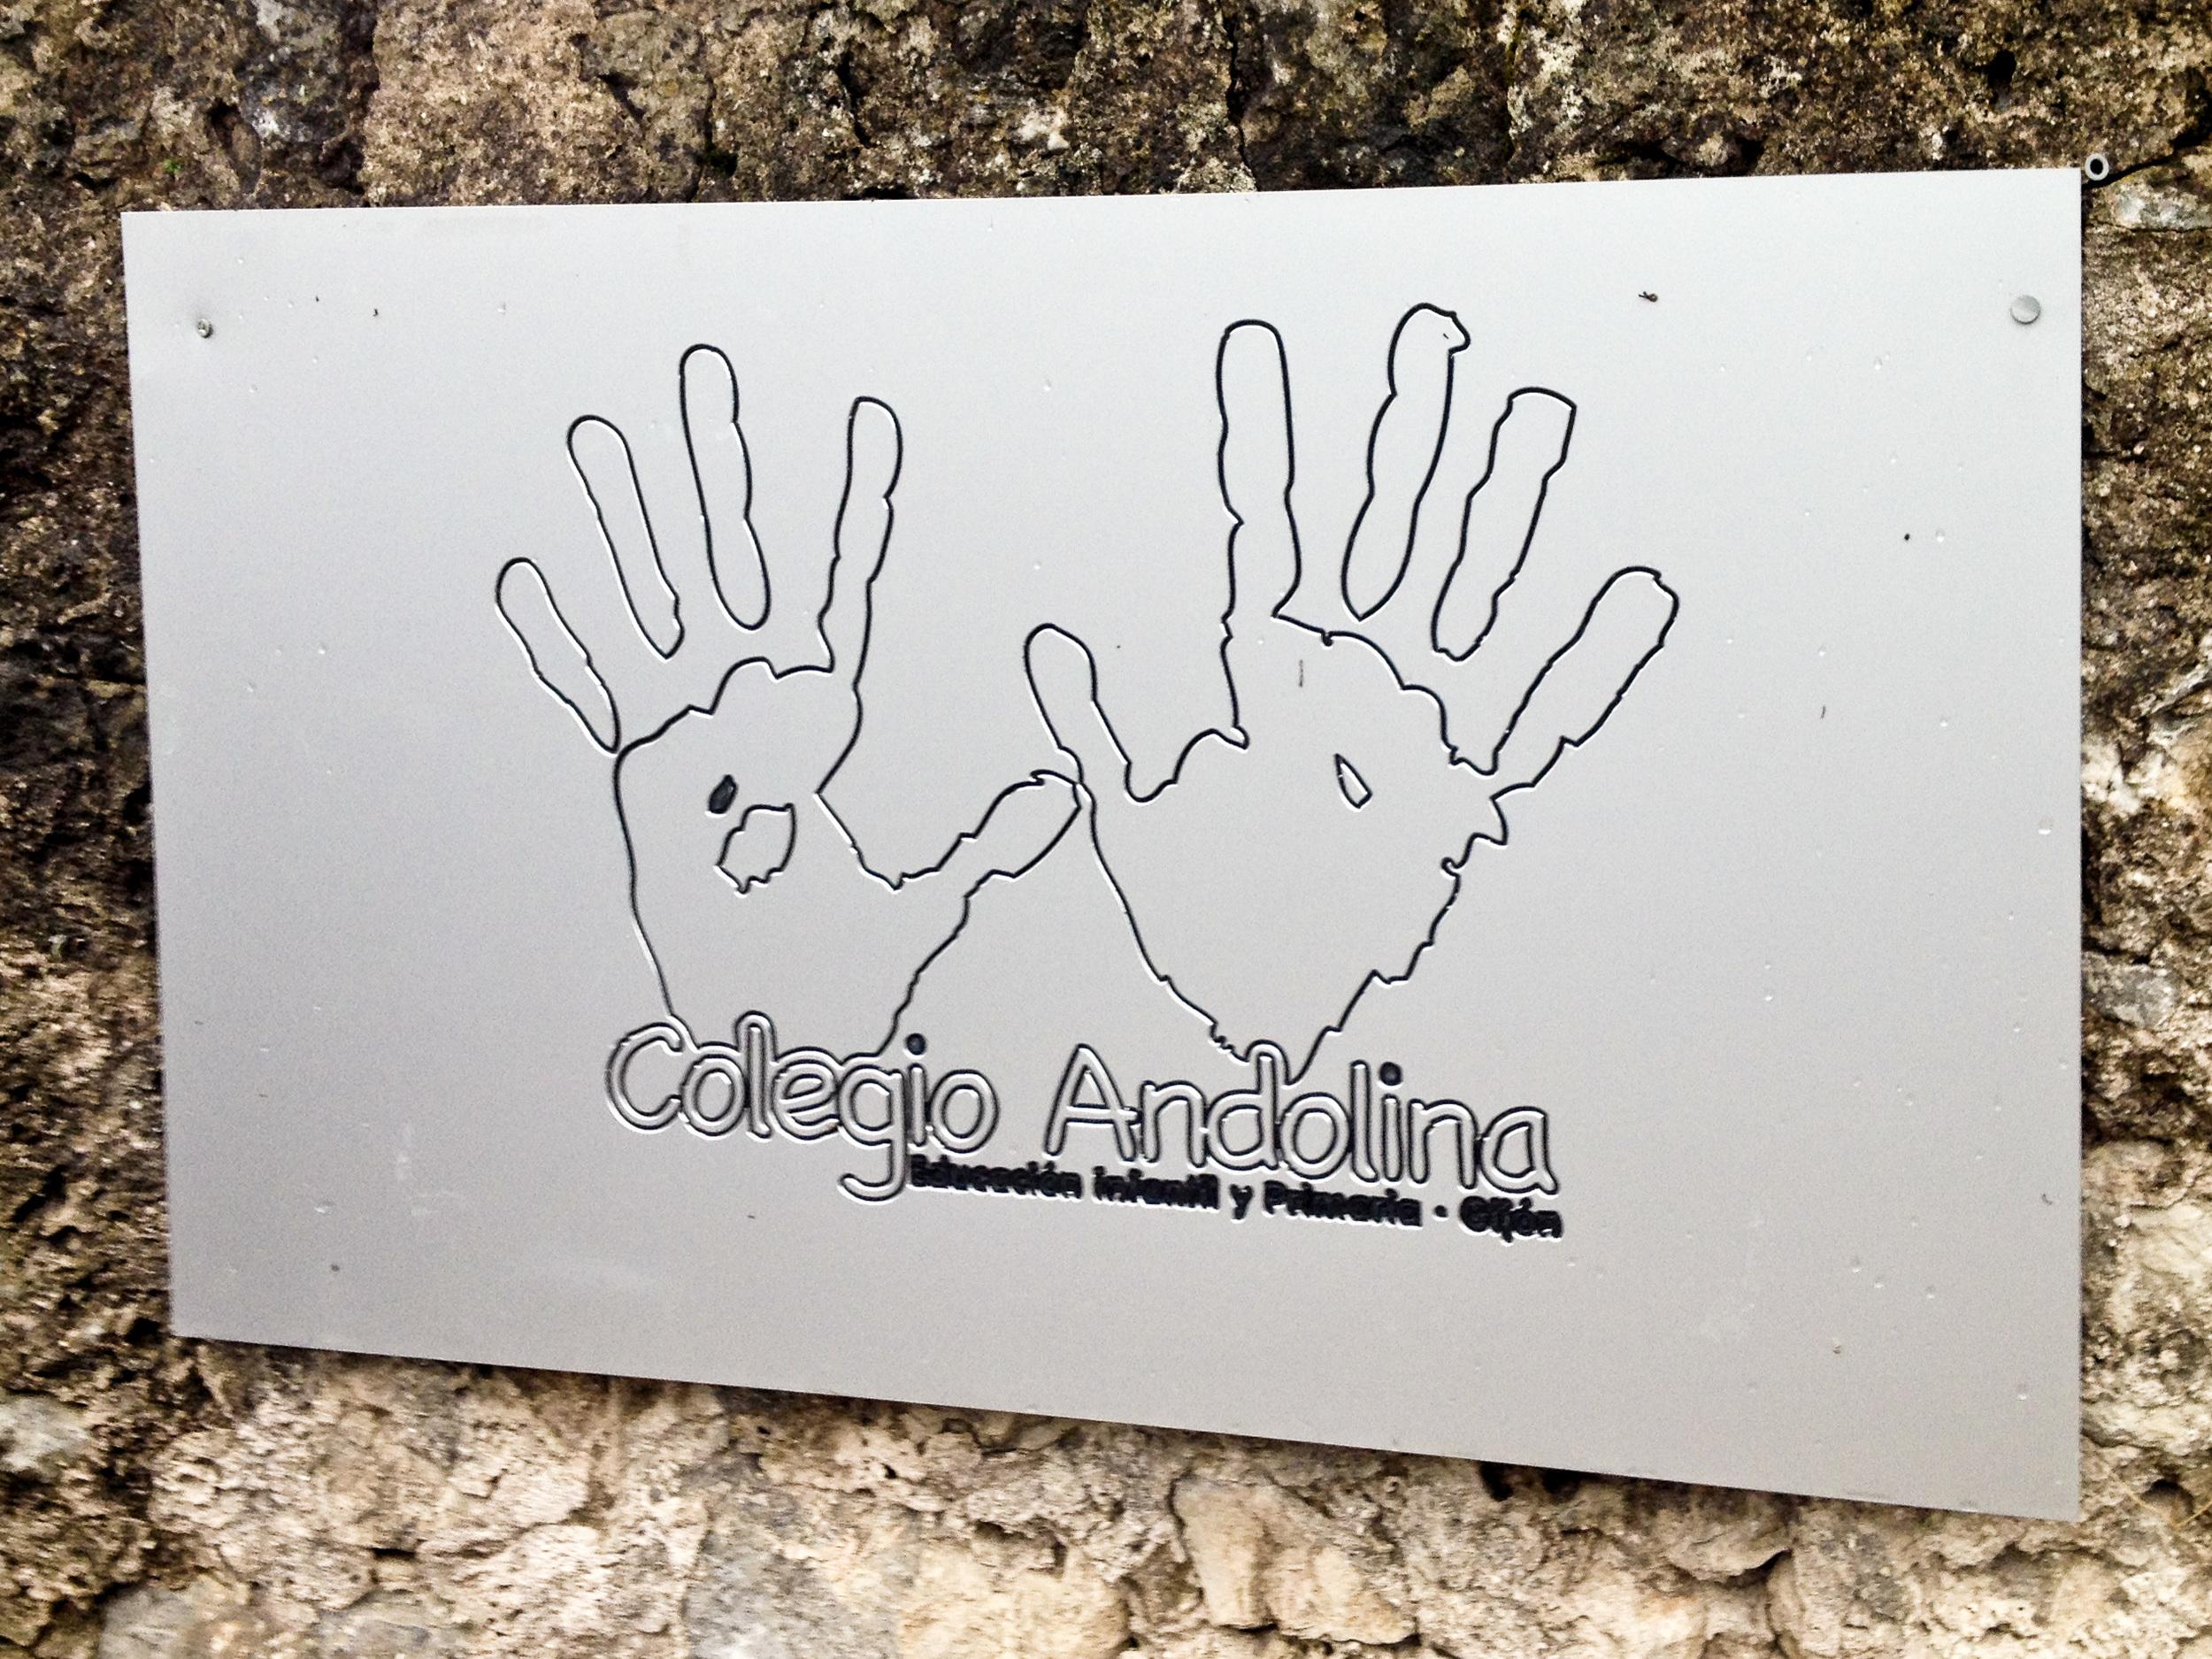 Cartel de entrada del Colegio Andolina